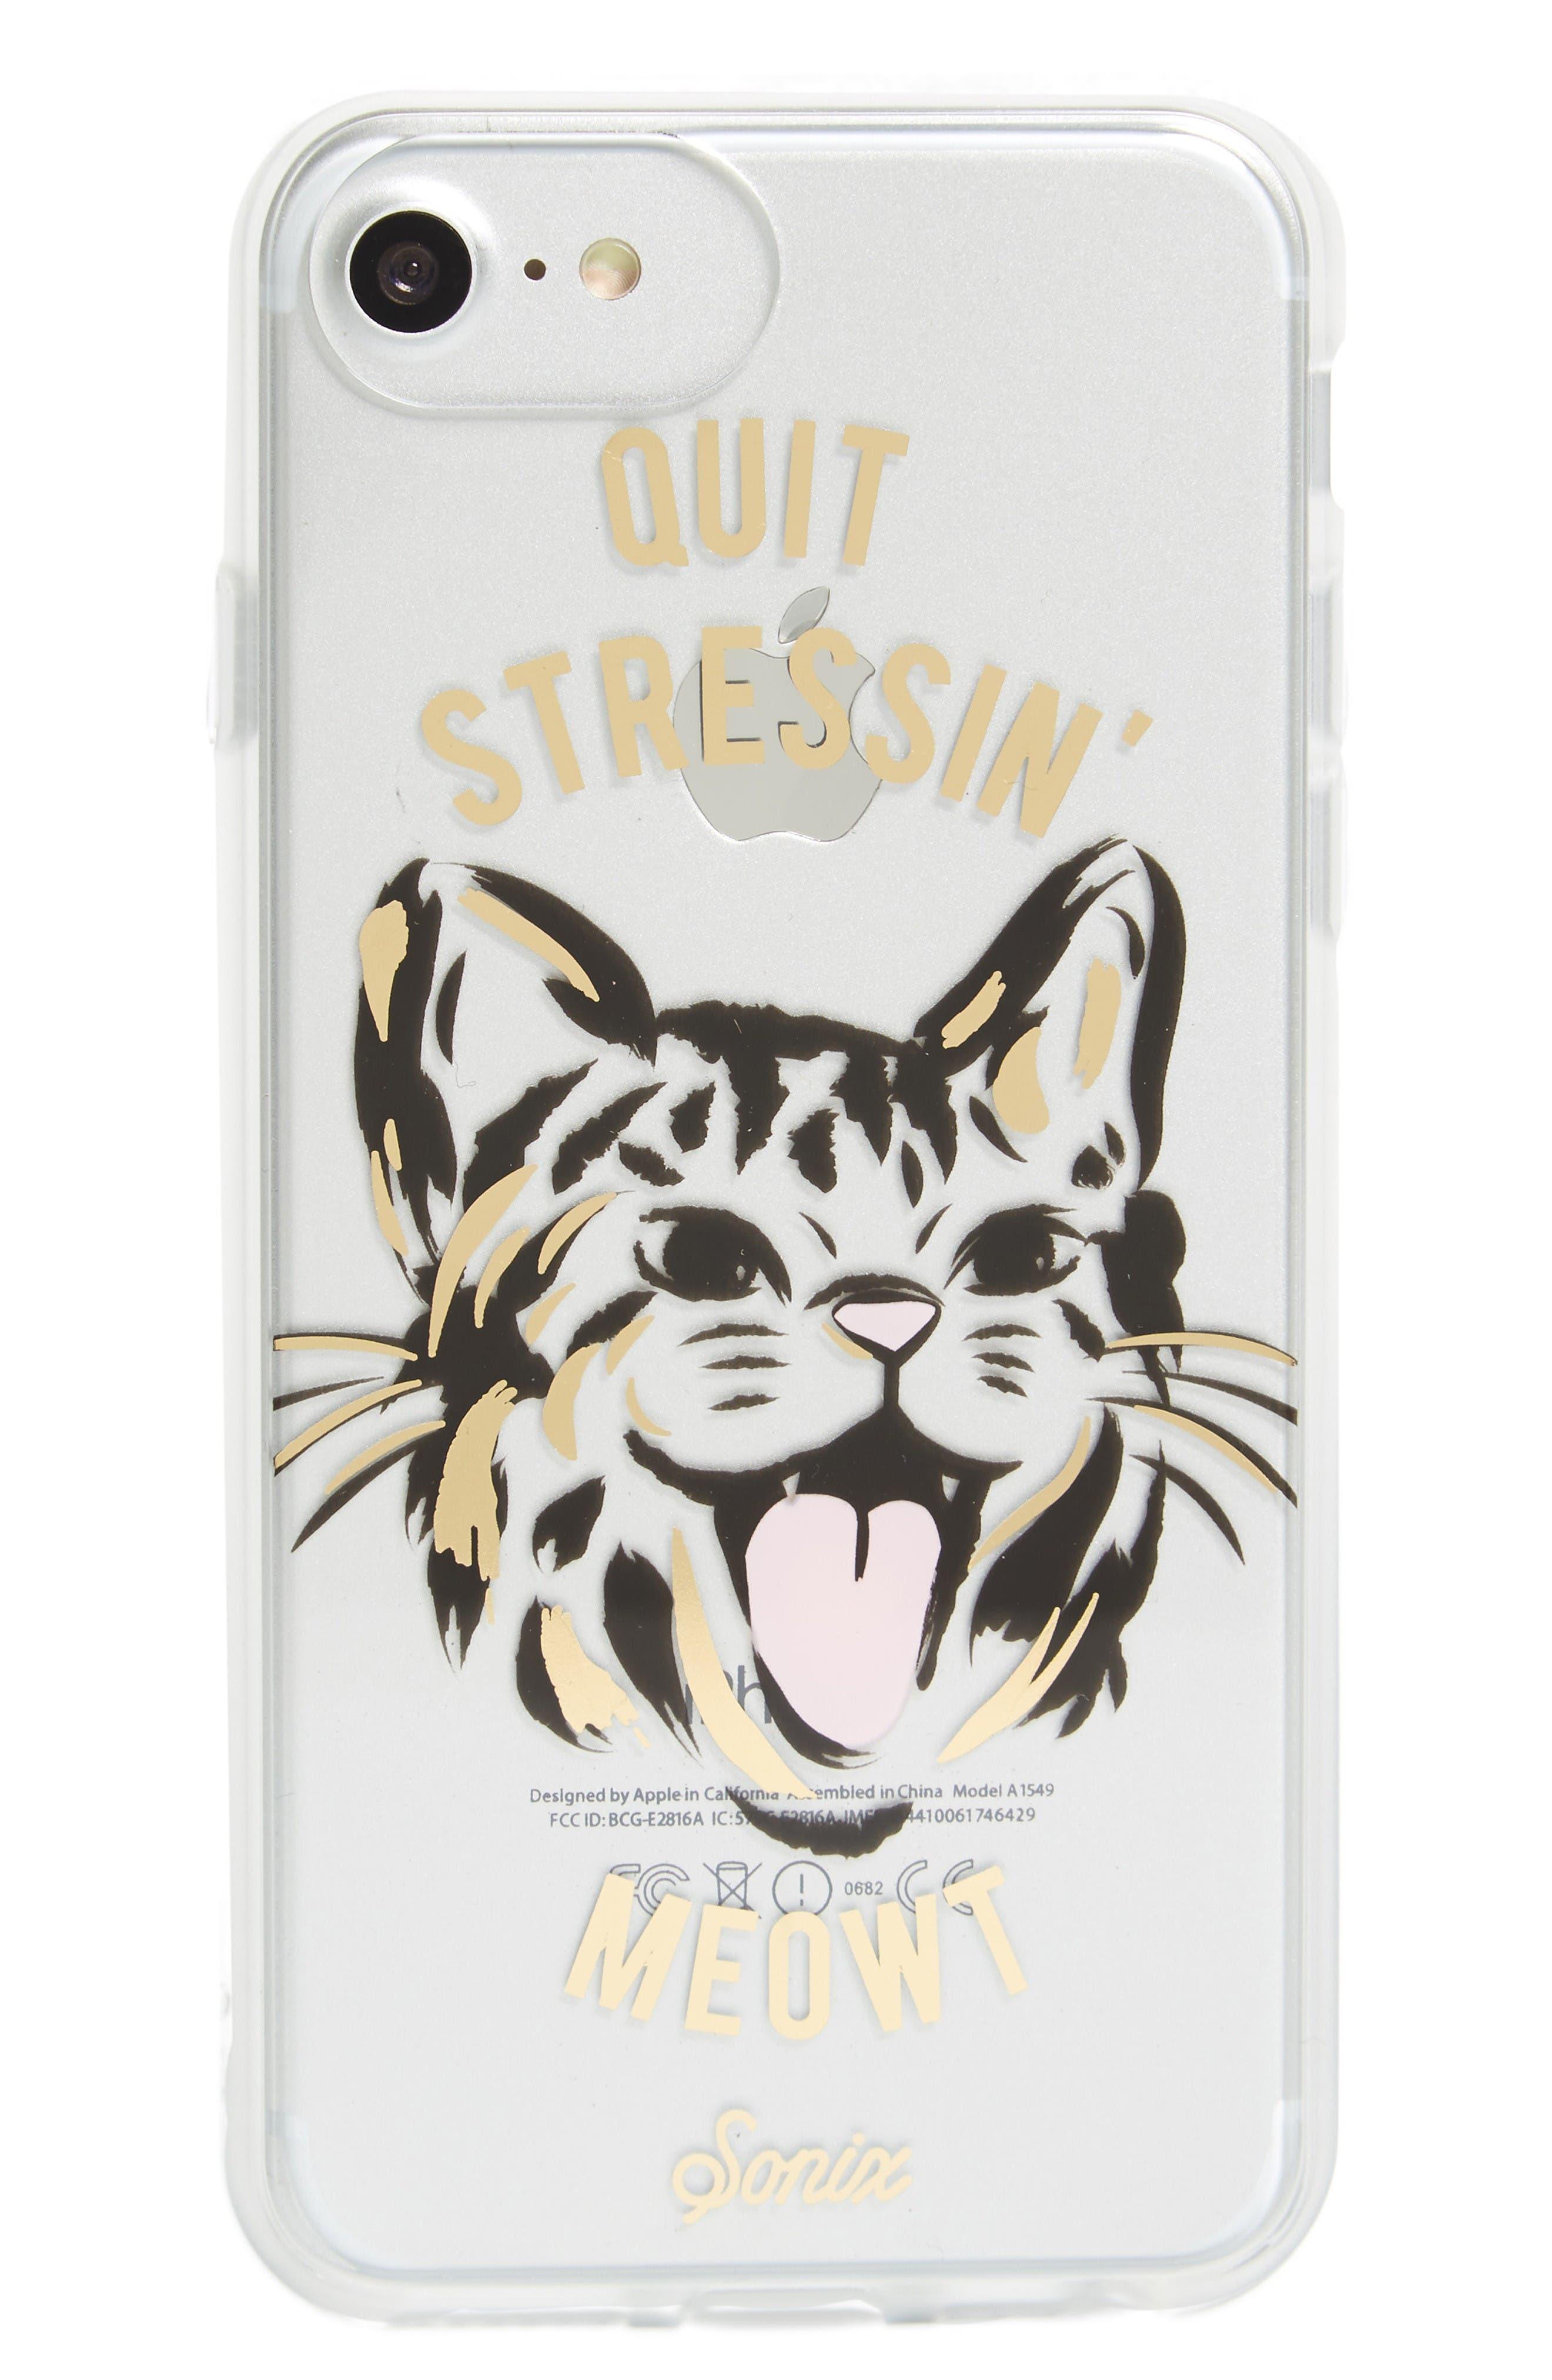 Quit Stressin' Meowt iPhone 6/6s/7/8 & 6/6s/7/8 Plus Case,                         Main,                         color, Gold